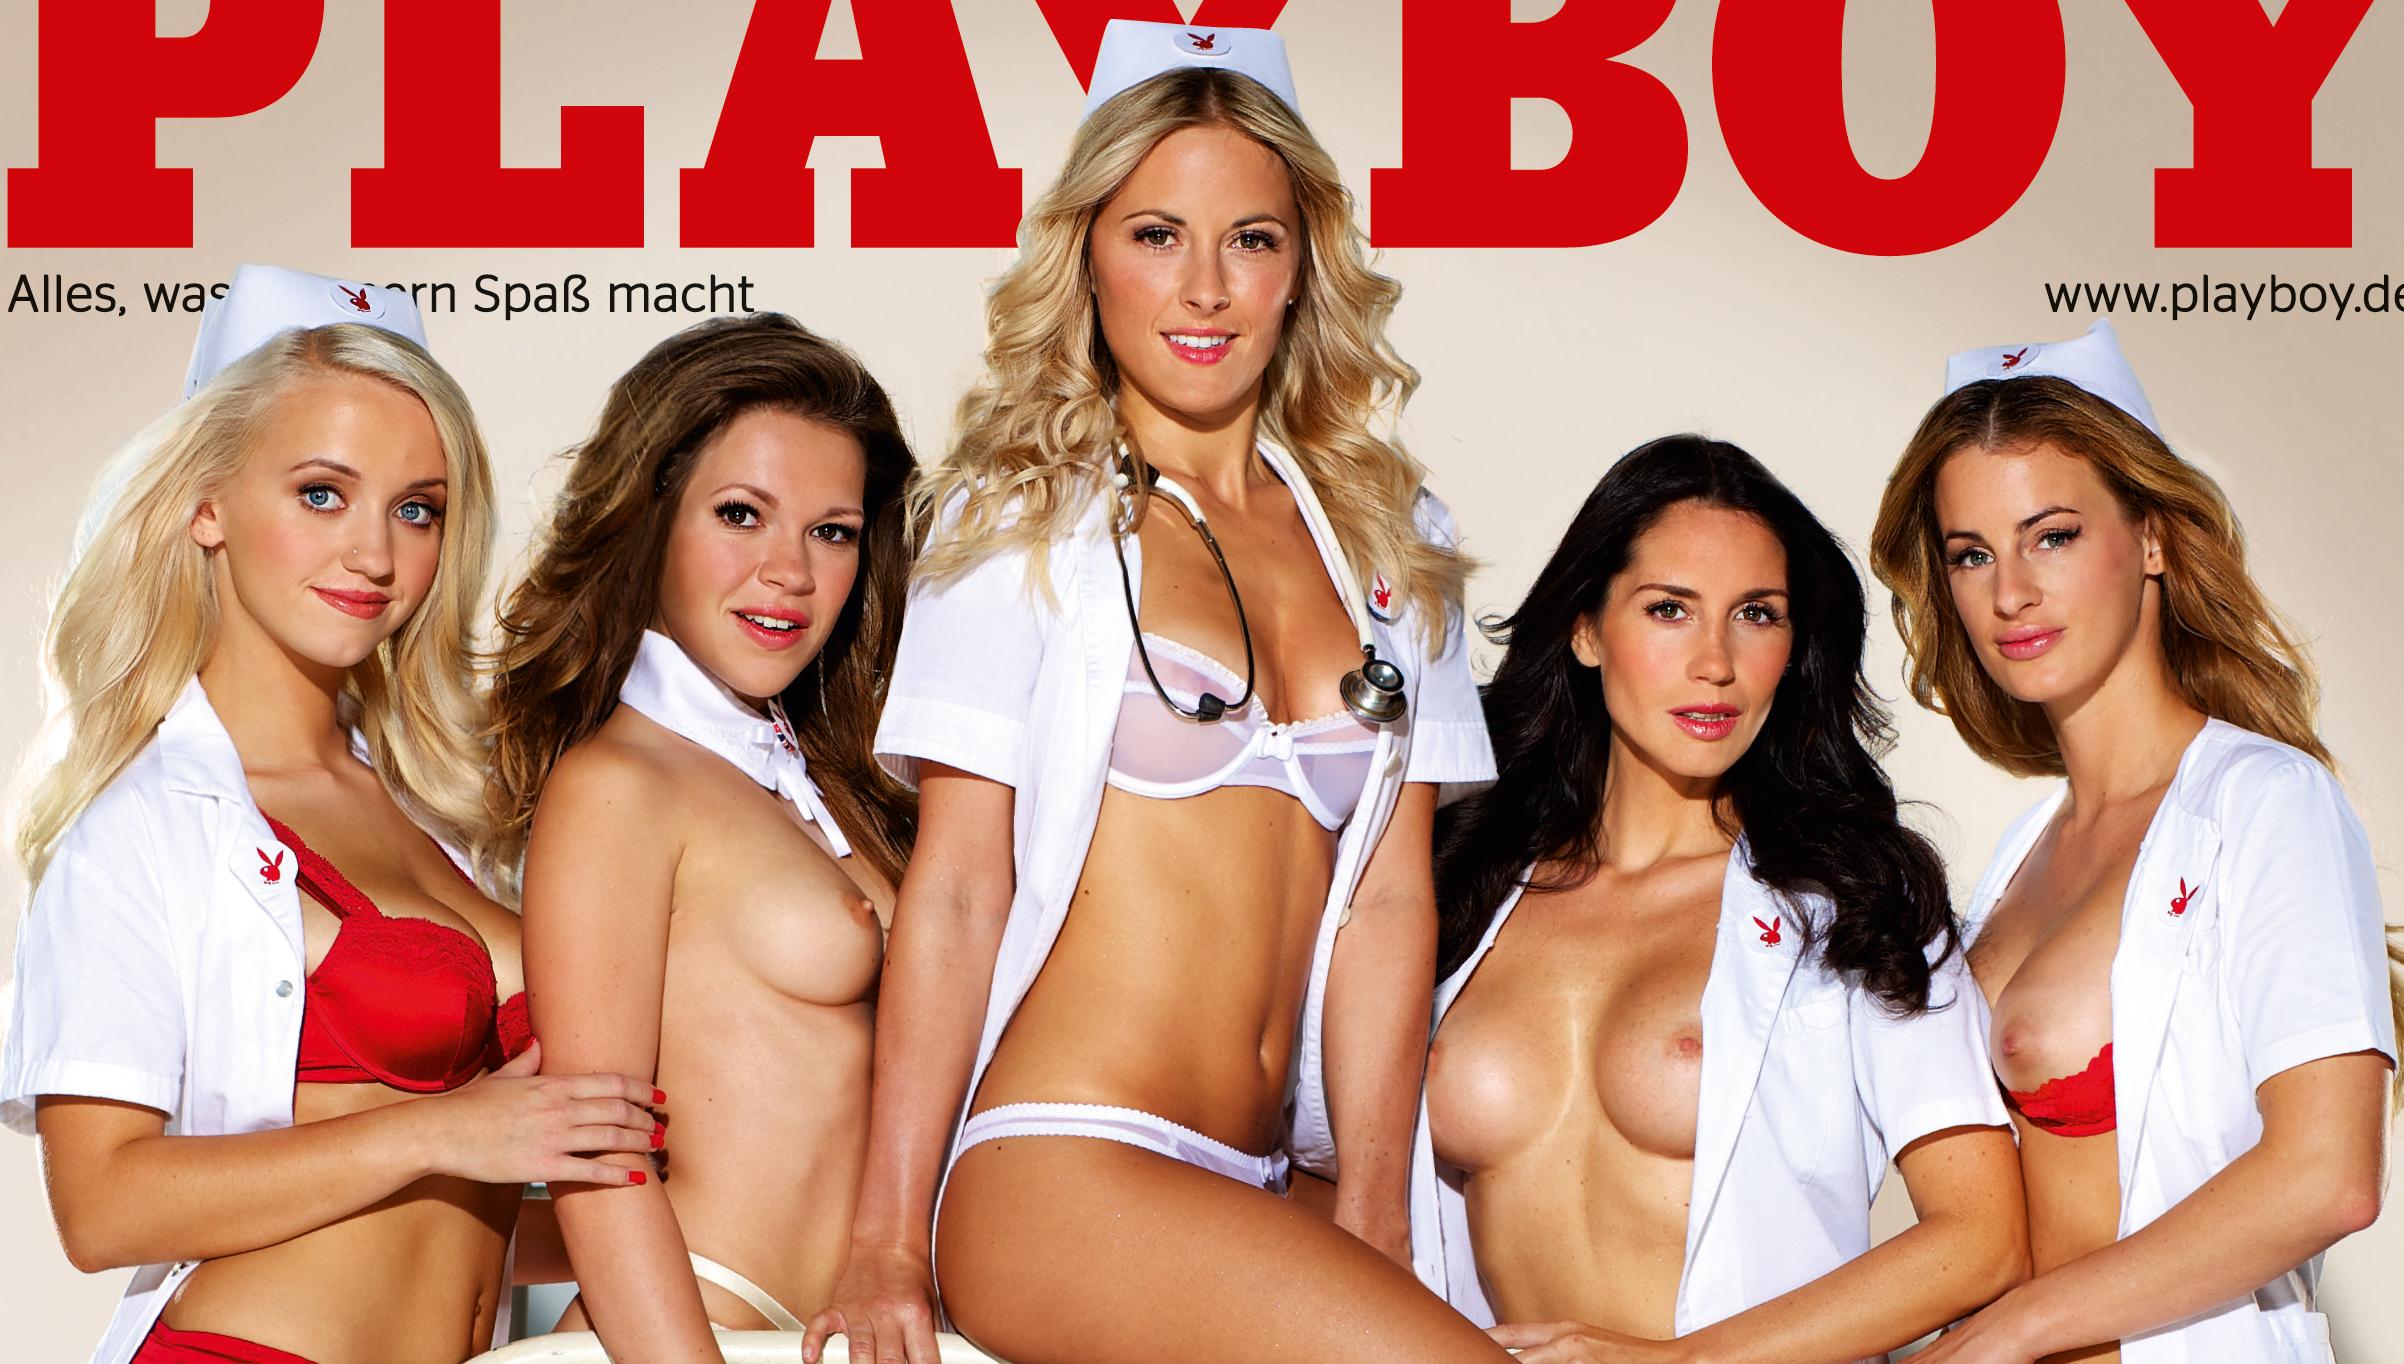 Playboy lesen